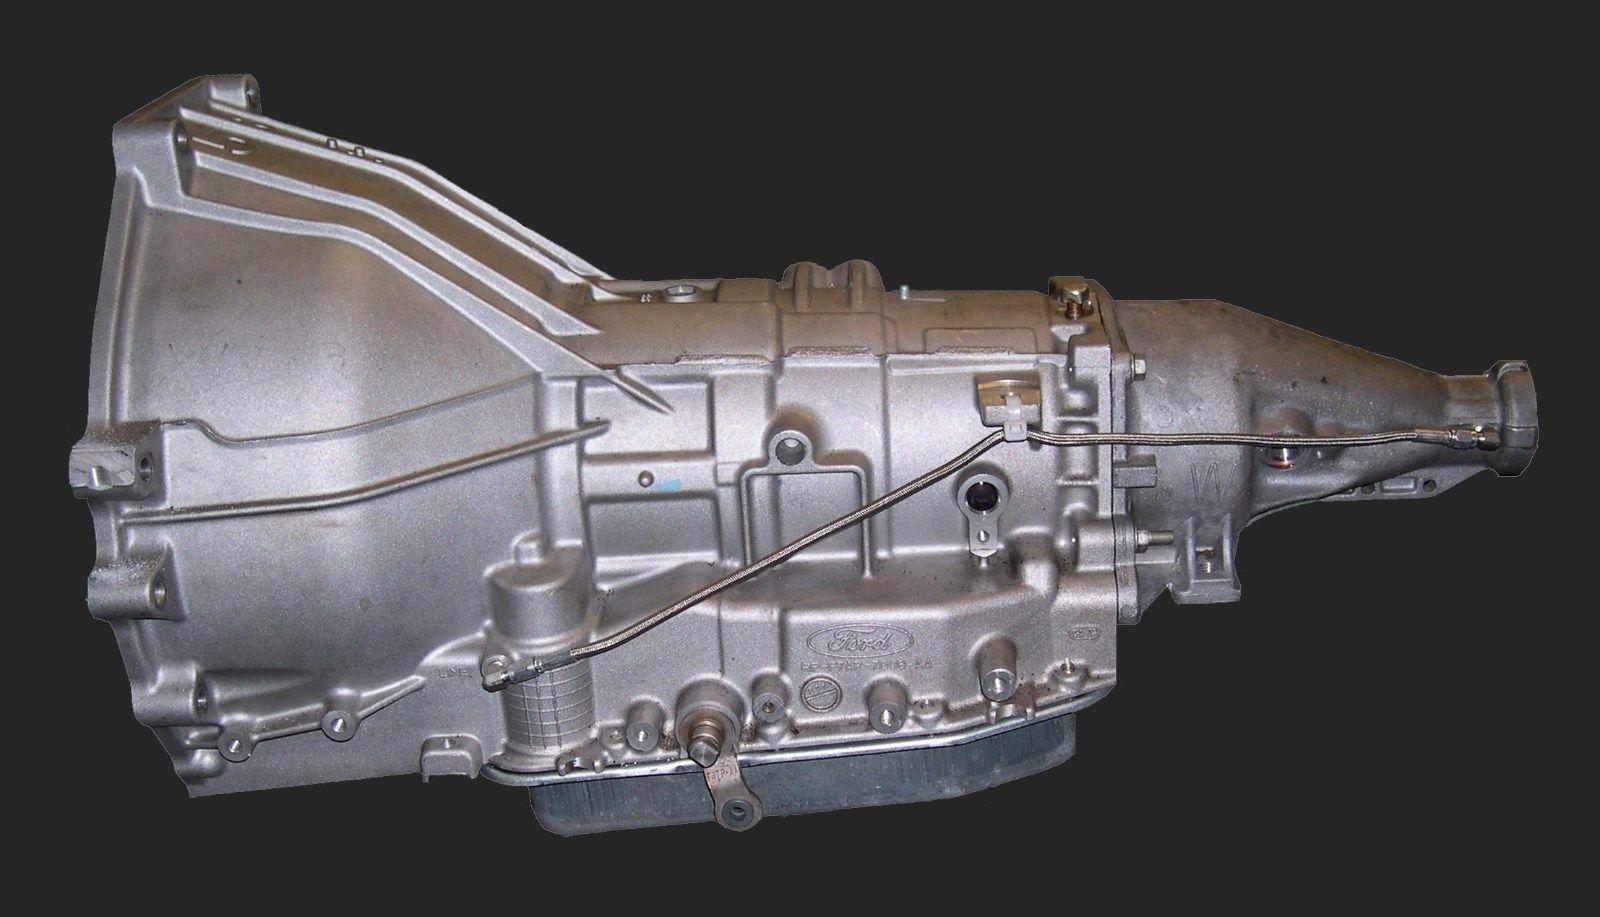 4R70W Transmission